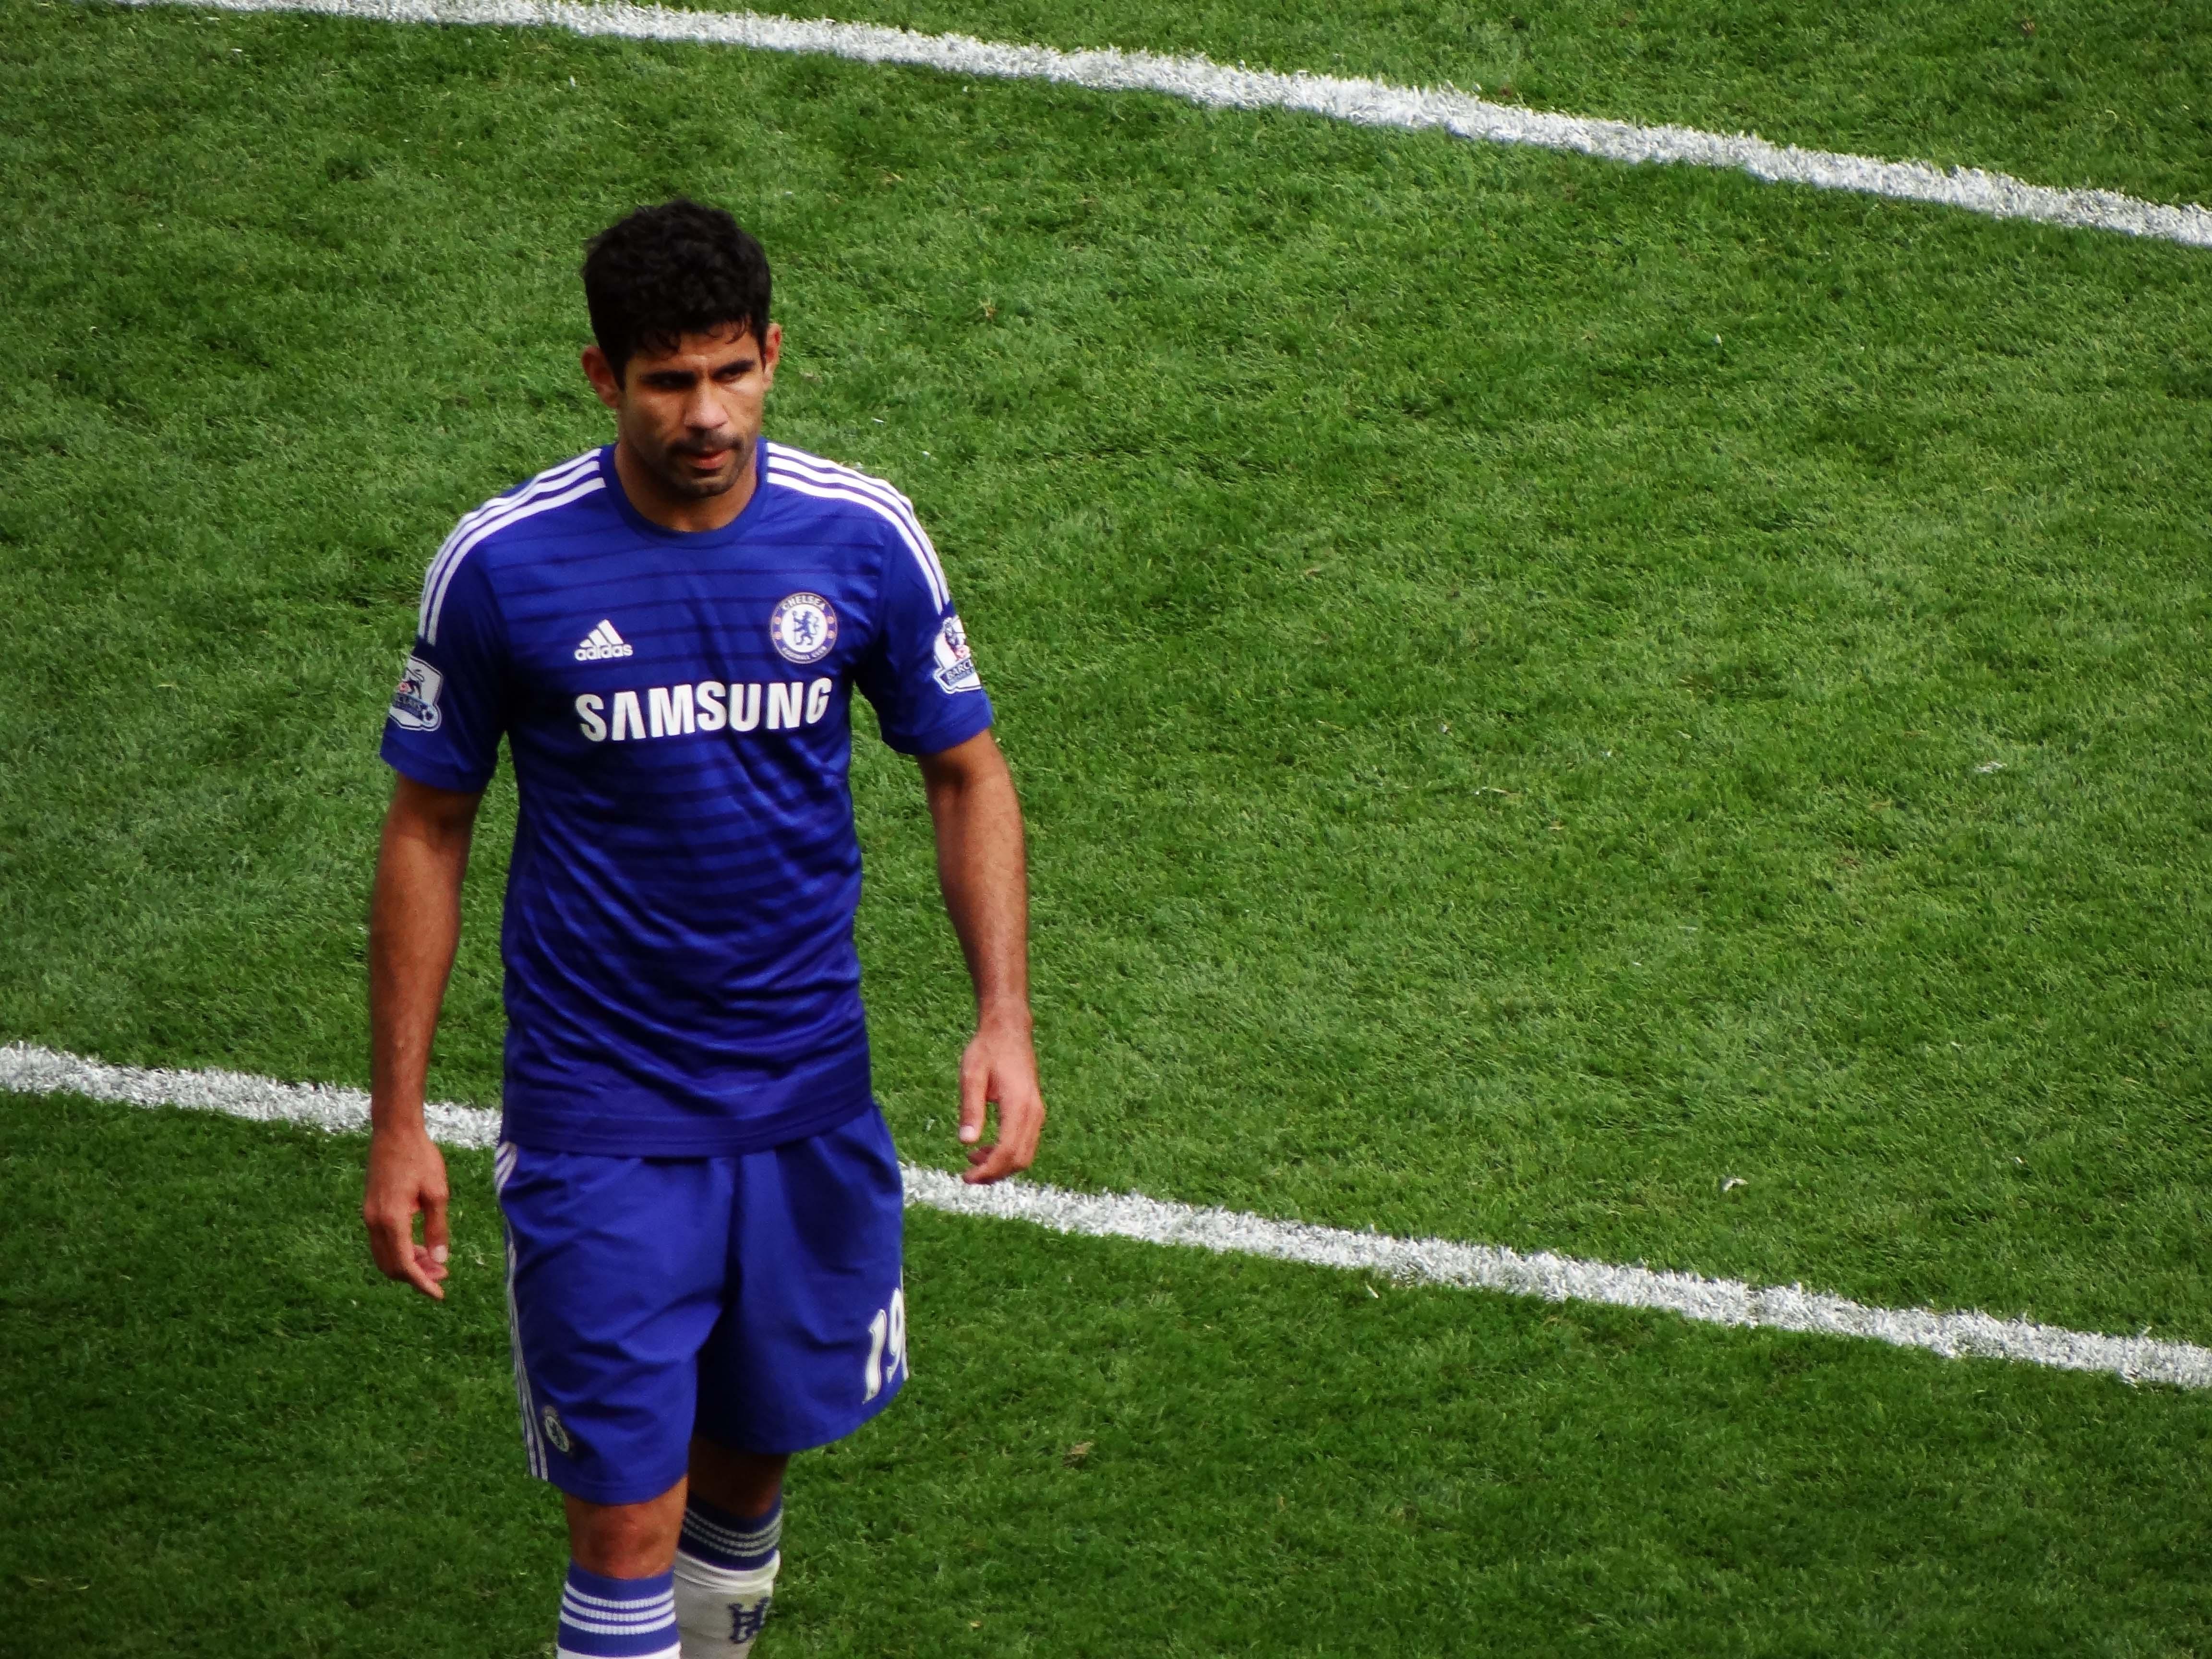 Footballer Diego Costa